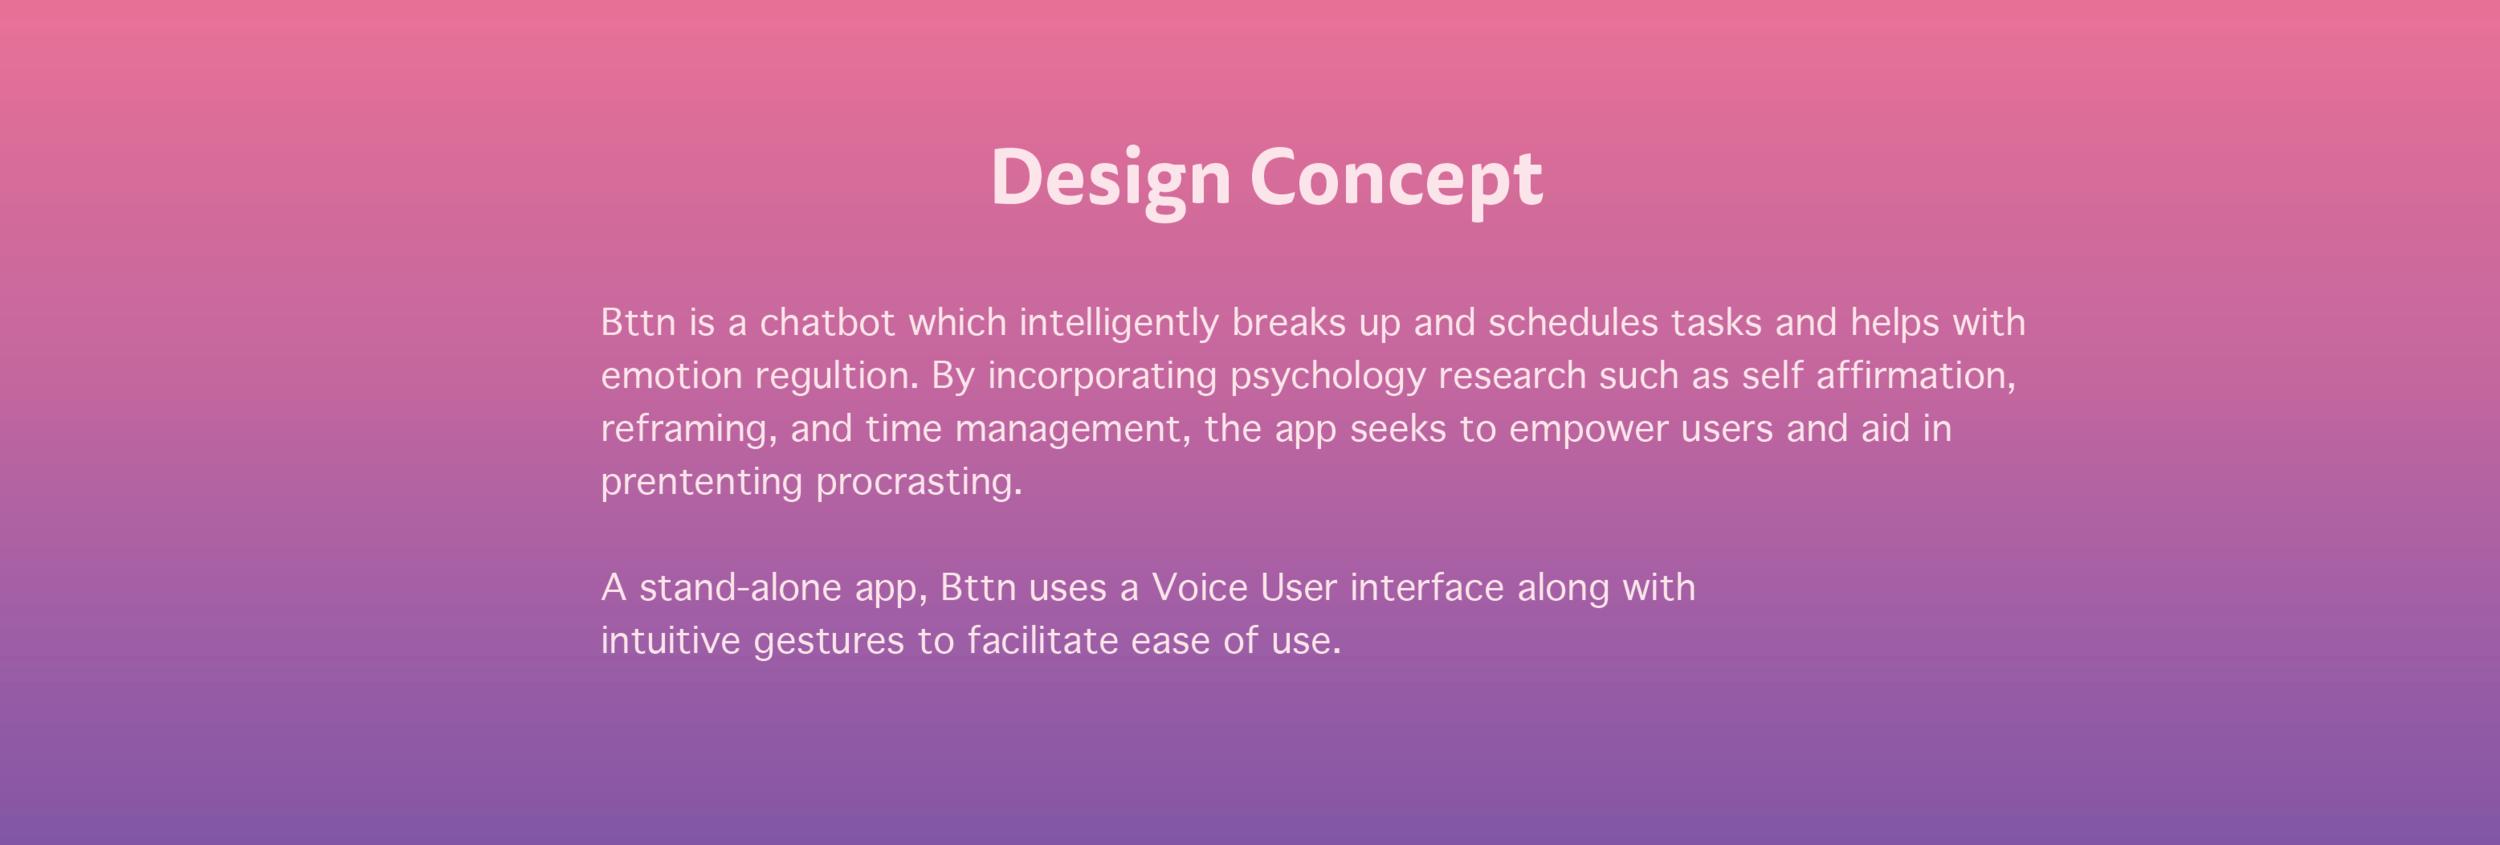 bttn design concept.png